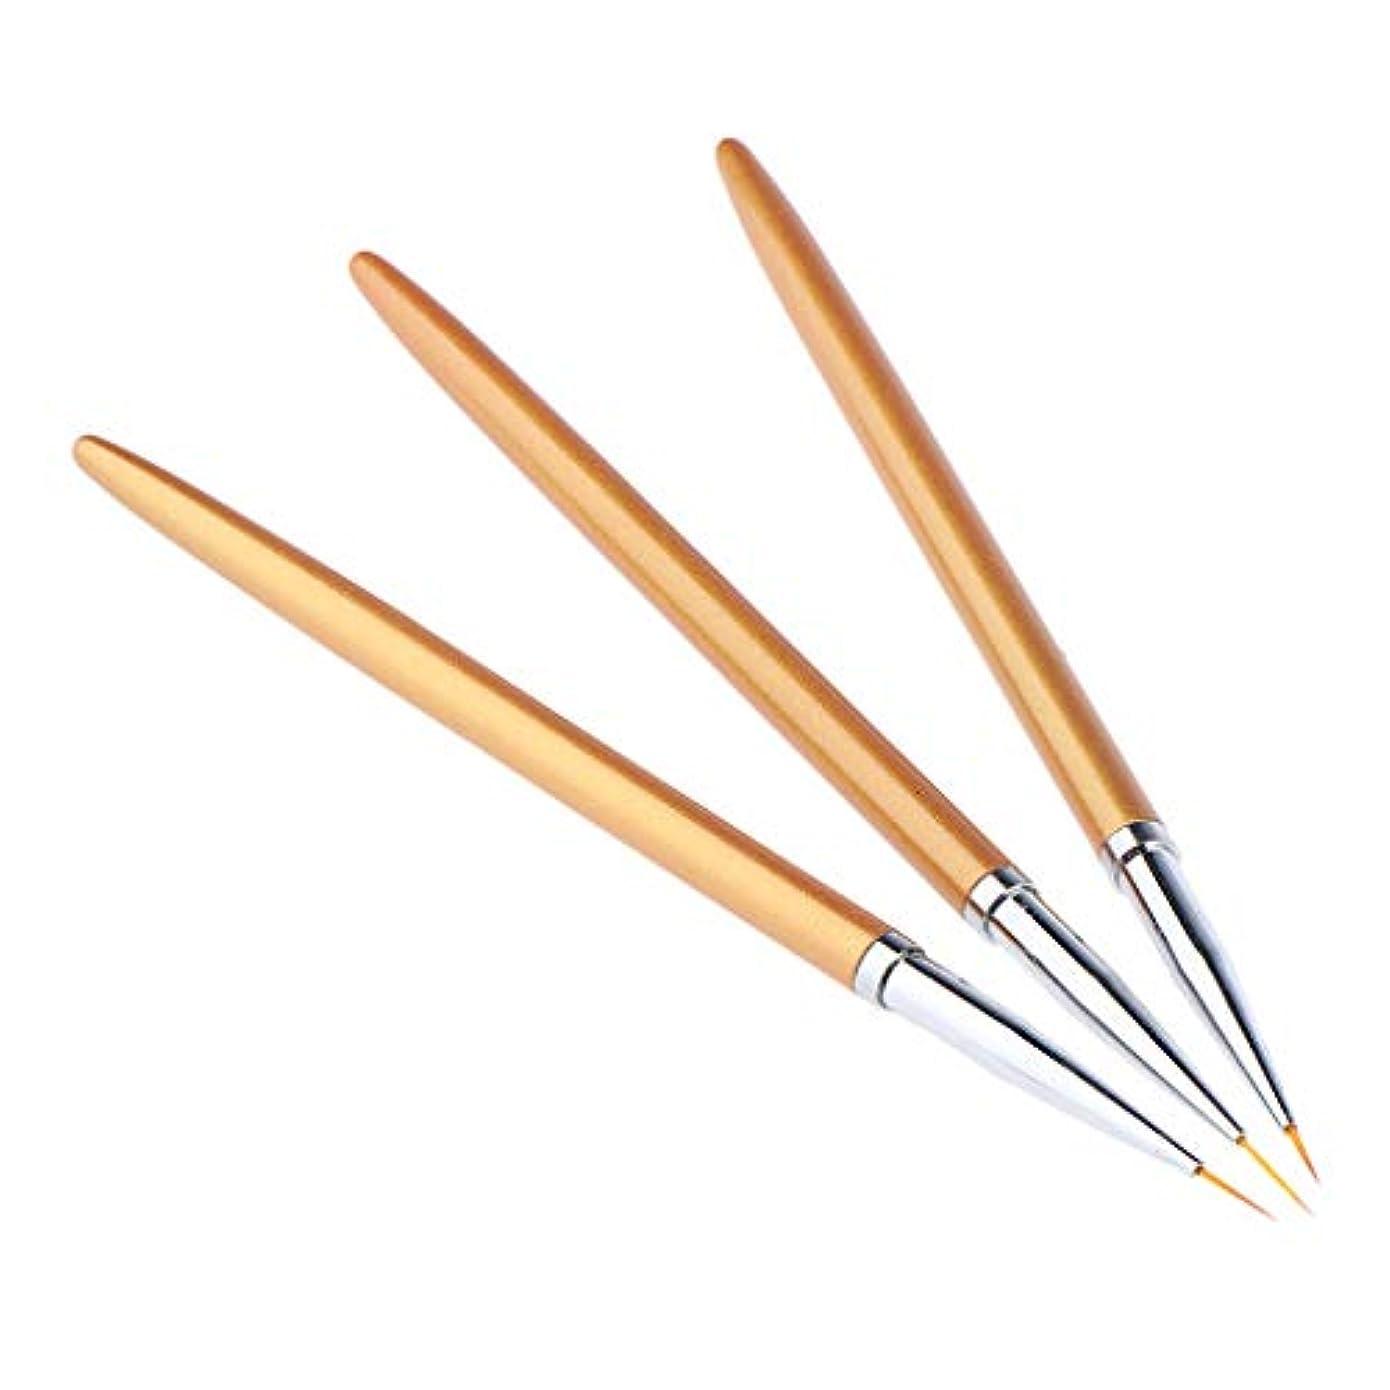 の首国民投票Perfeclan ネイルアートペン ネイルブラシセット ネイルアートブラシ 絵画ペン 3本入り